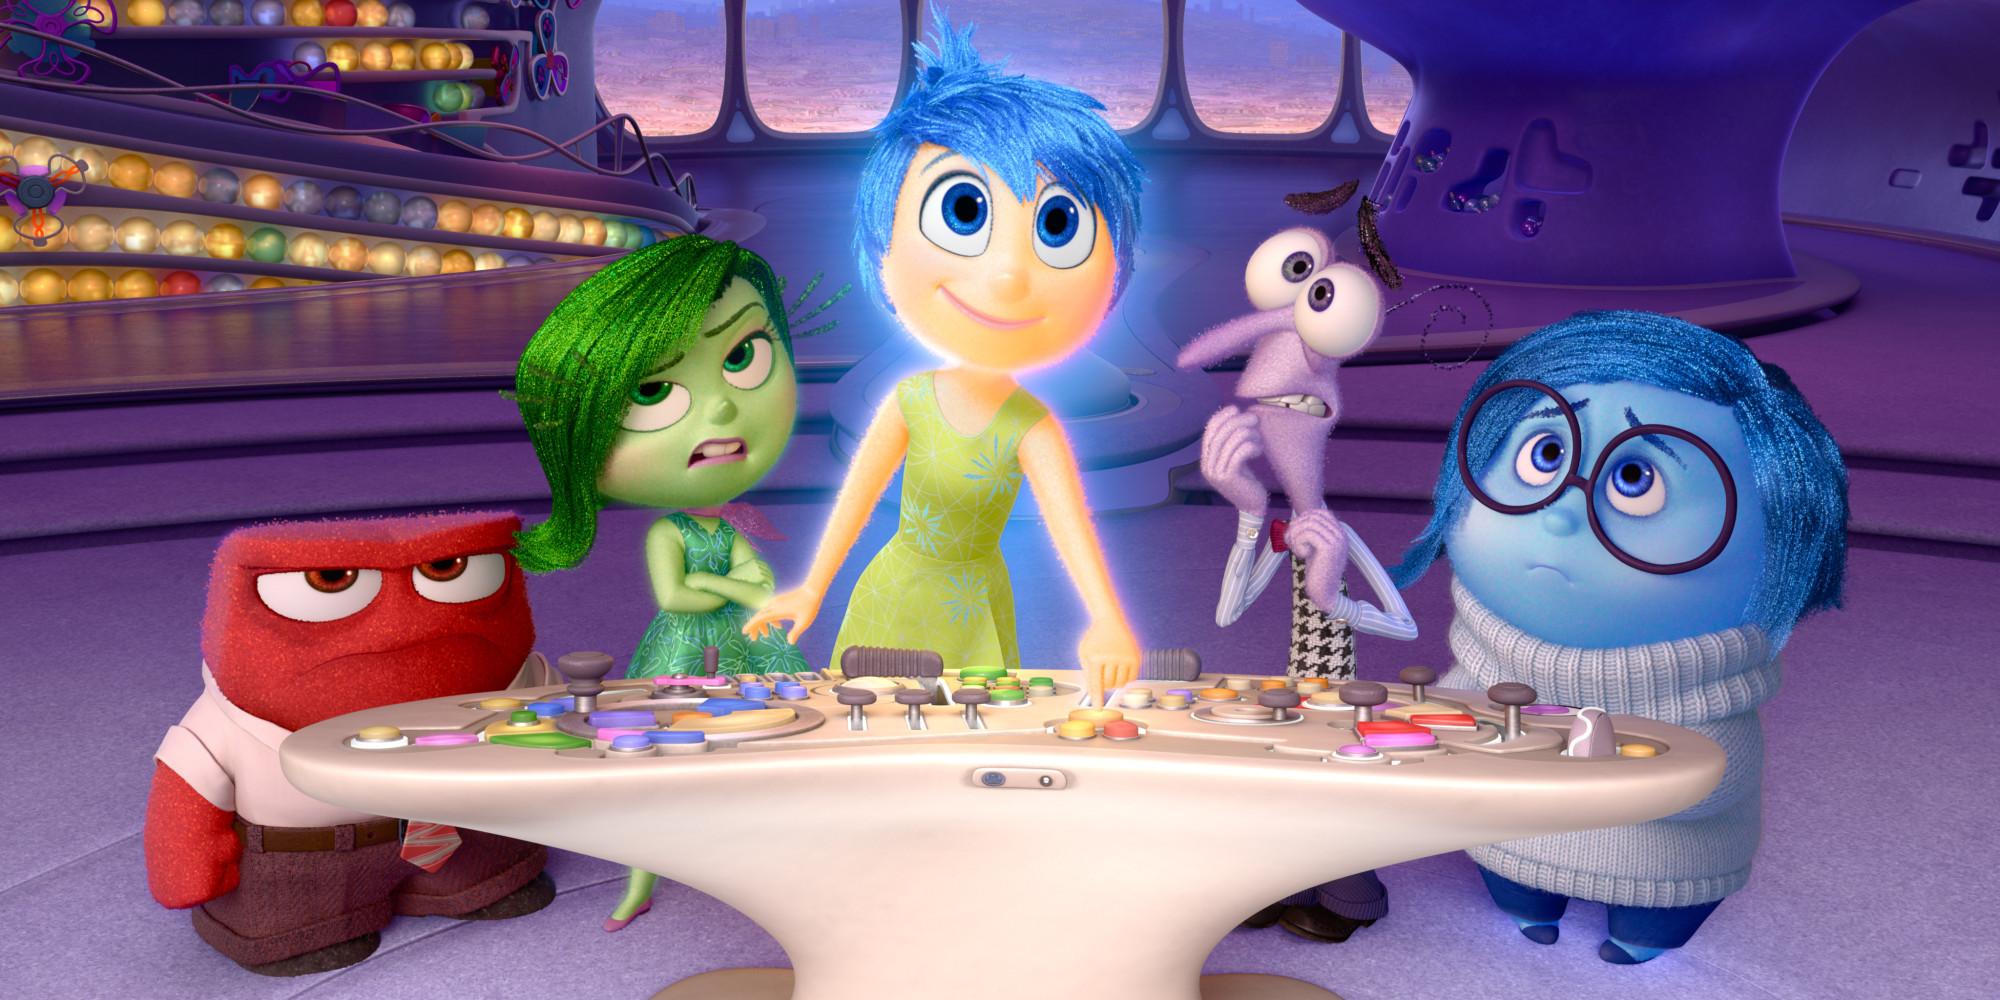 Image result for inside out pixar